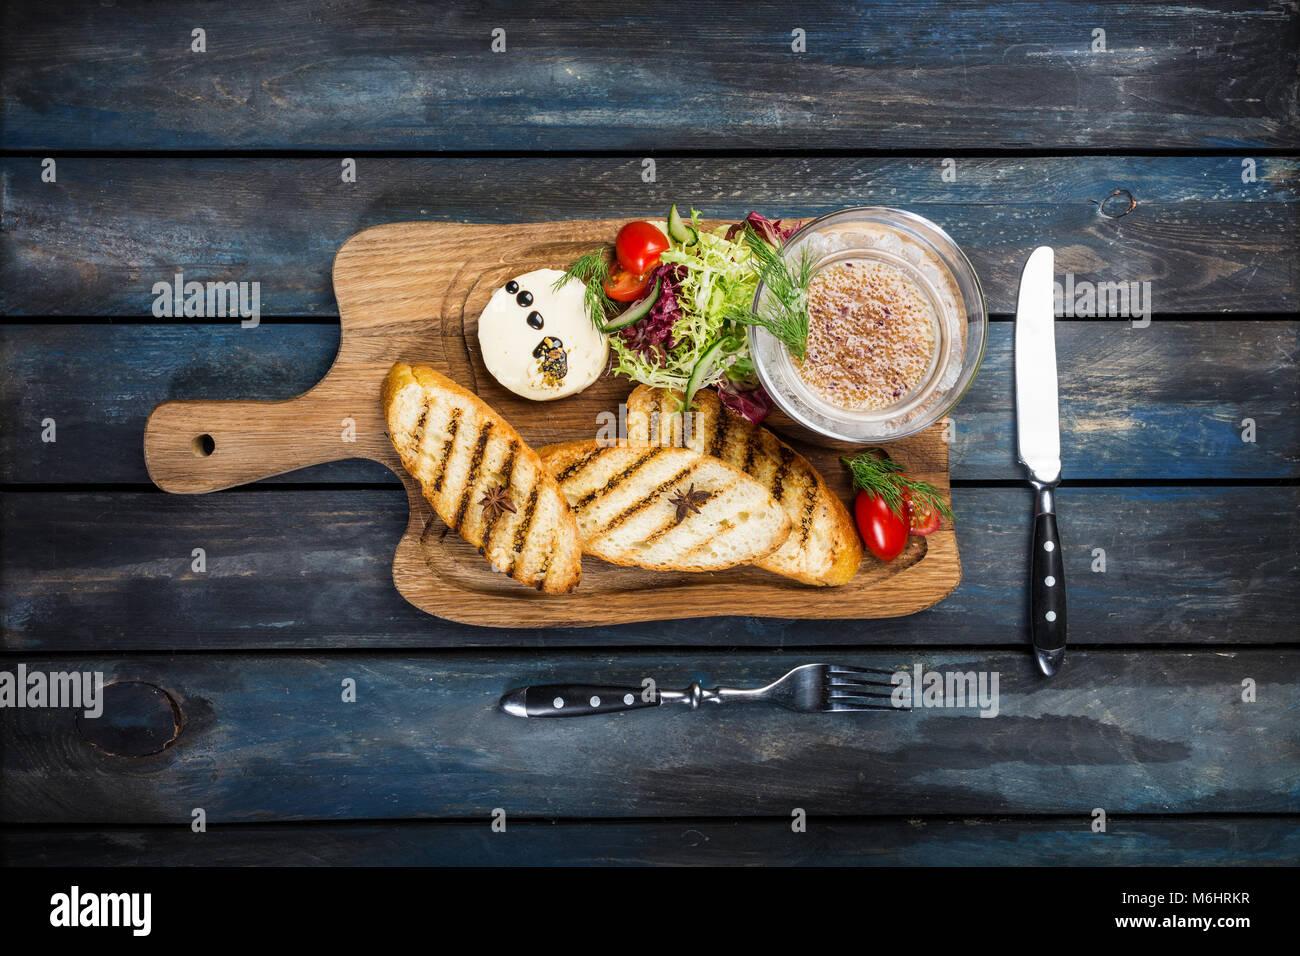 Toast con burro e caviale servito con posate su un sfondo di legno Immagini Stock